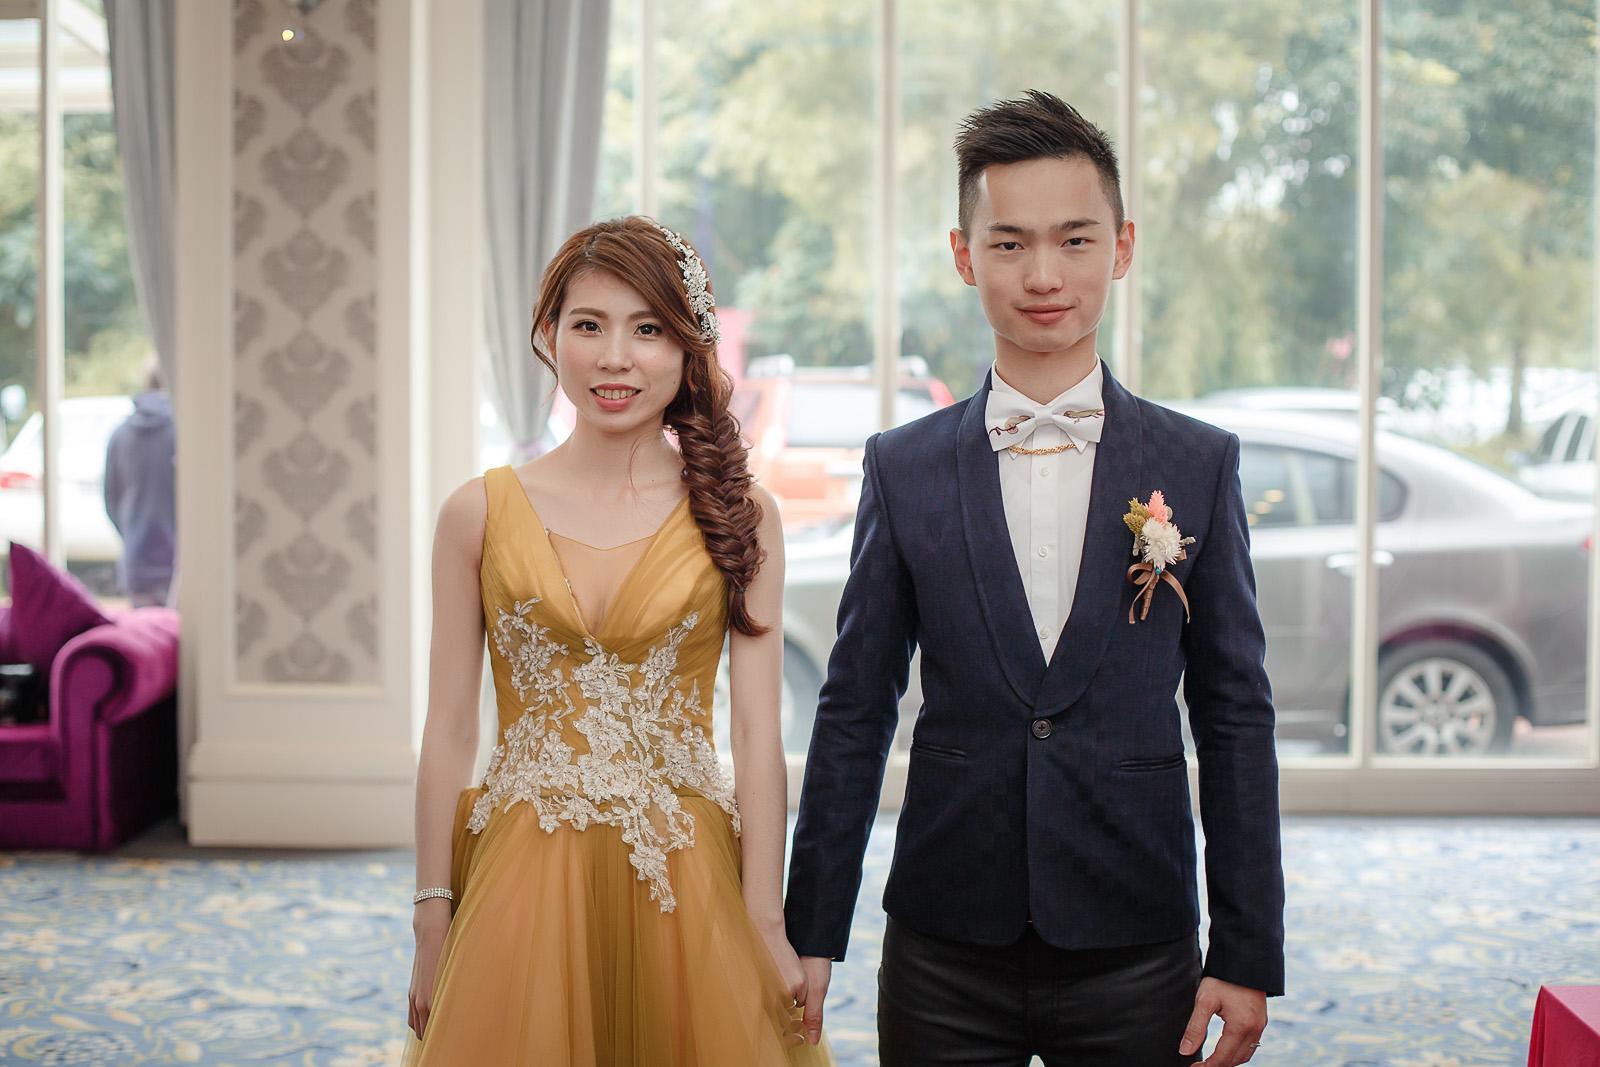 高雄圓山飯店,婚禮攝影,婚攝,高雄婚攝,優質婚攝推薦,Jen&Ethan-272